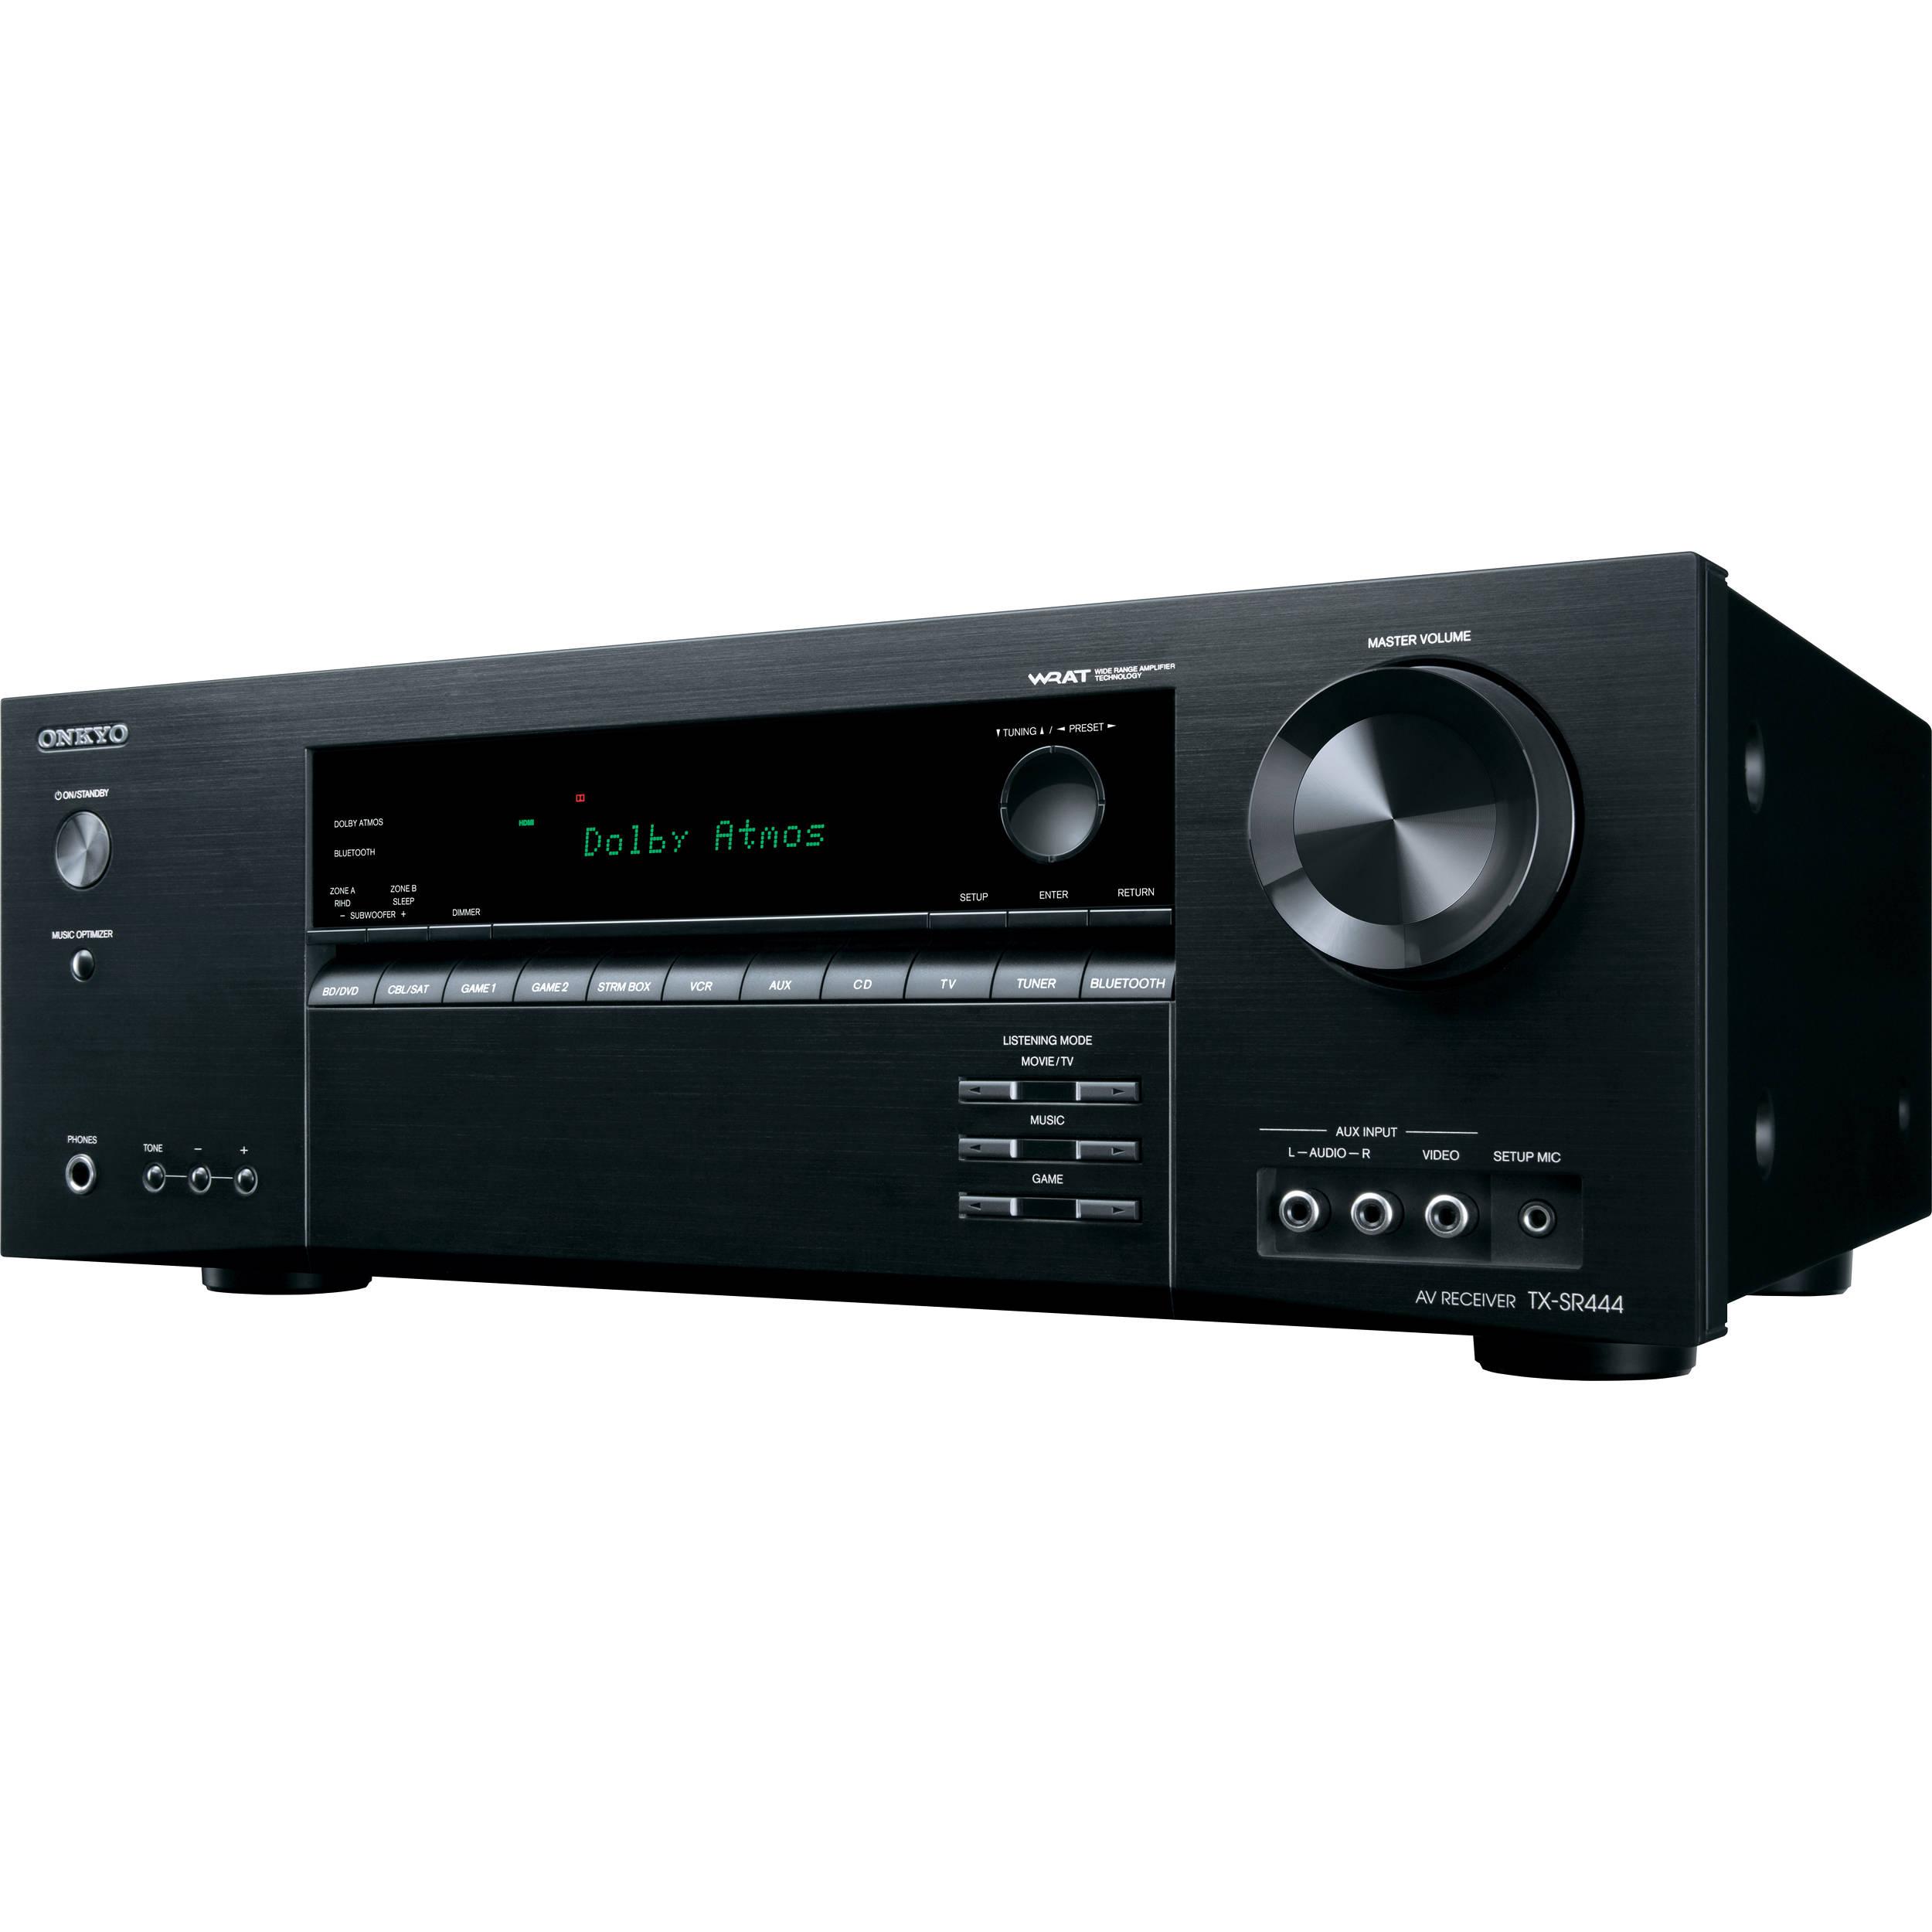 onkyo tx sr444 7 1 channel av receiver tx sr444 b h photo video rh bhphotovideo com Onkyo TX 8511 Manual Onkyo TX 8511 Manual